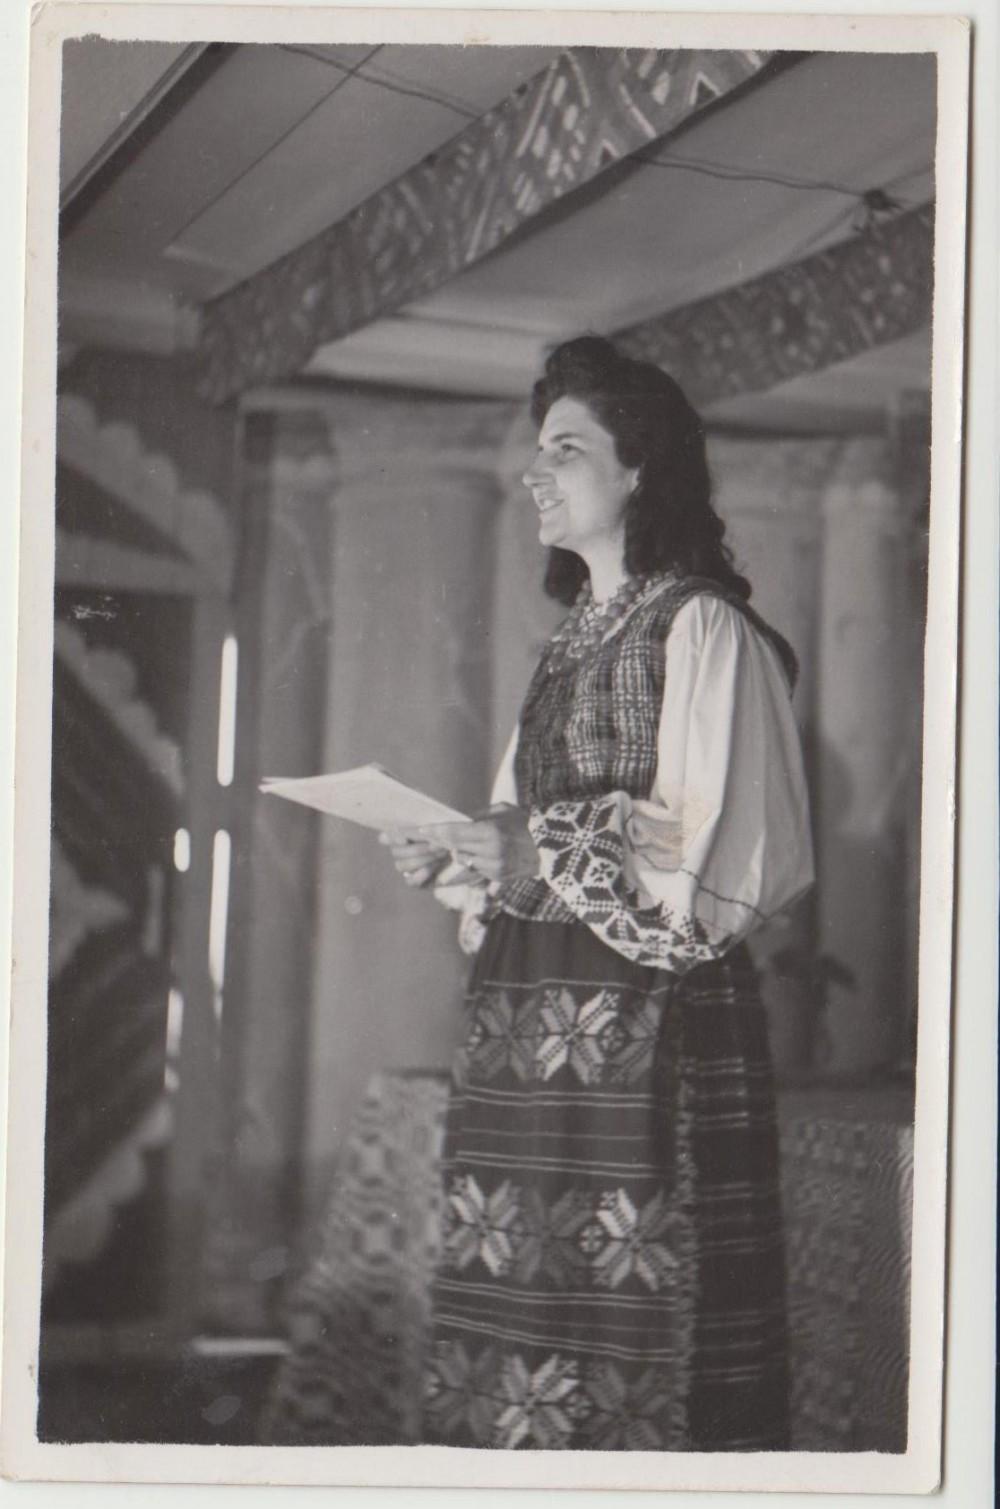 Gražina Tulauskaitė skaito savo kūrybą. Vokietija. 1948 m.